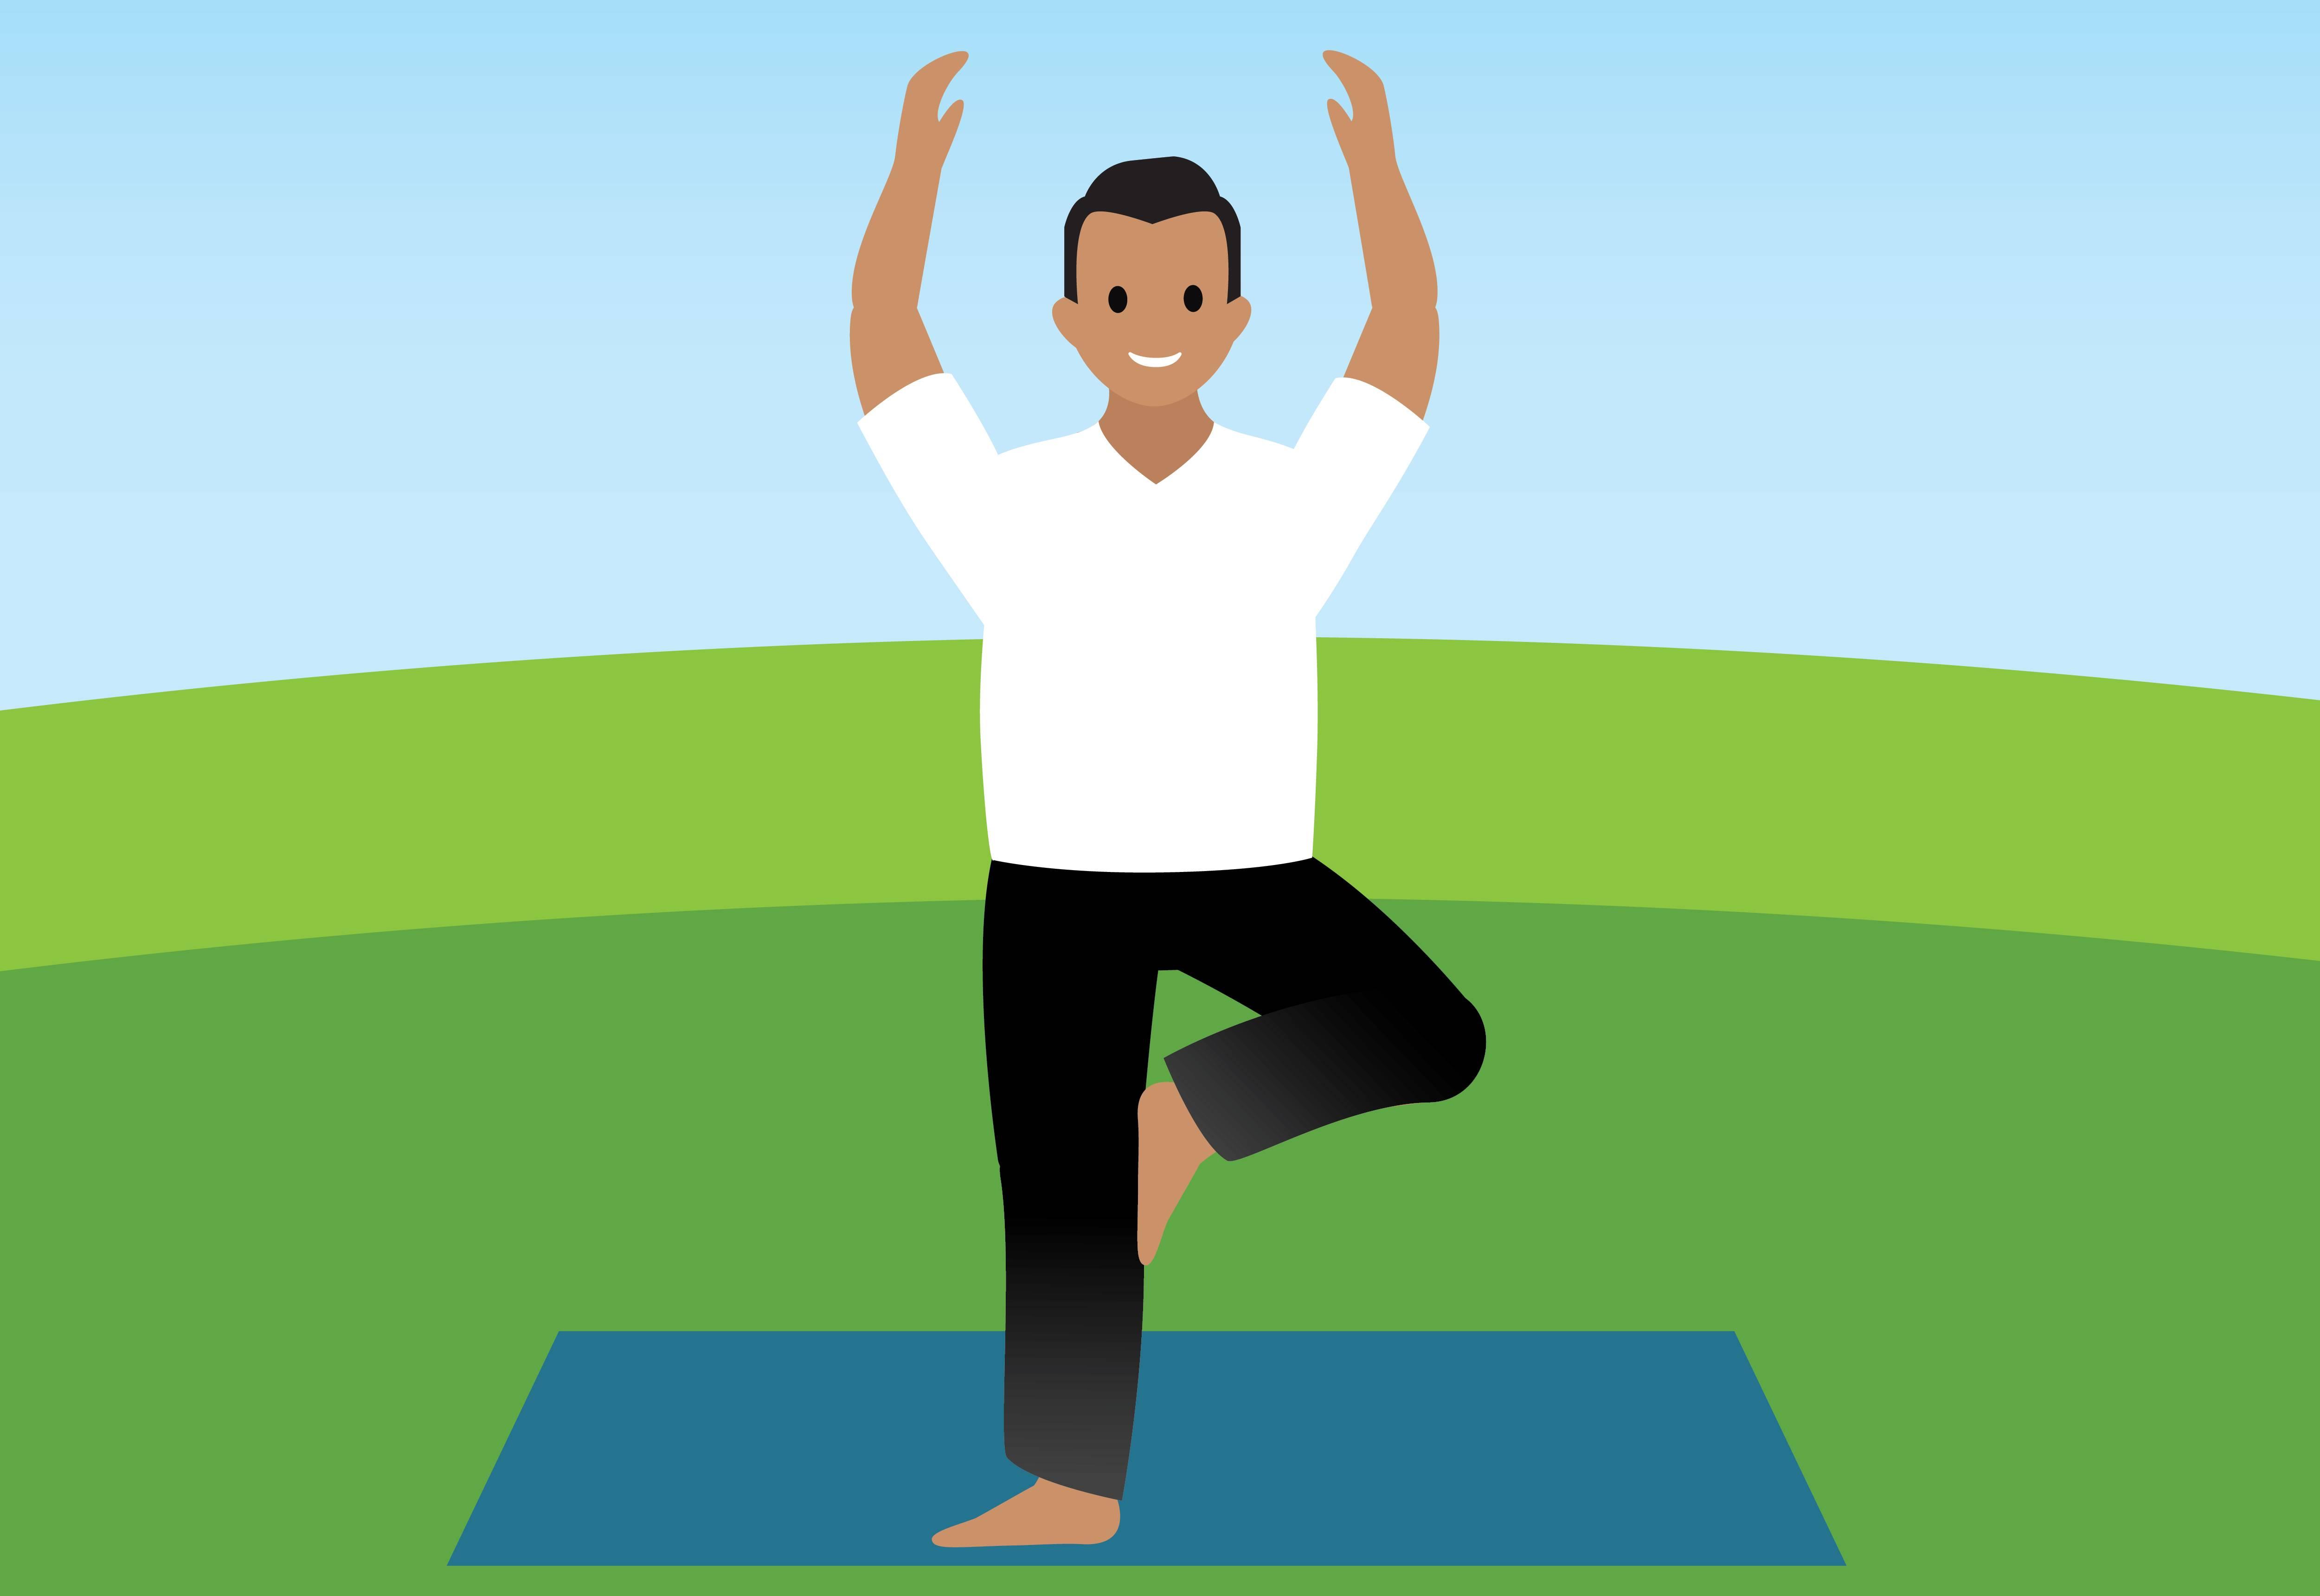 Habitants du pays Salesforce en train de pratiquer le yoga.